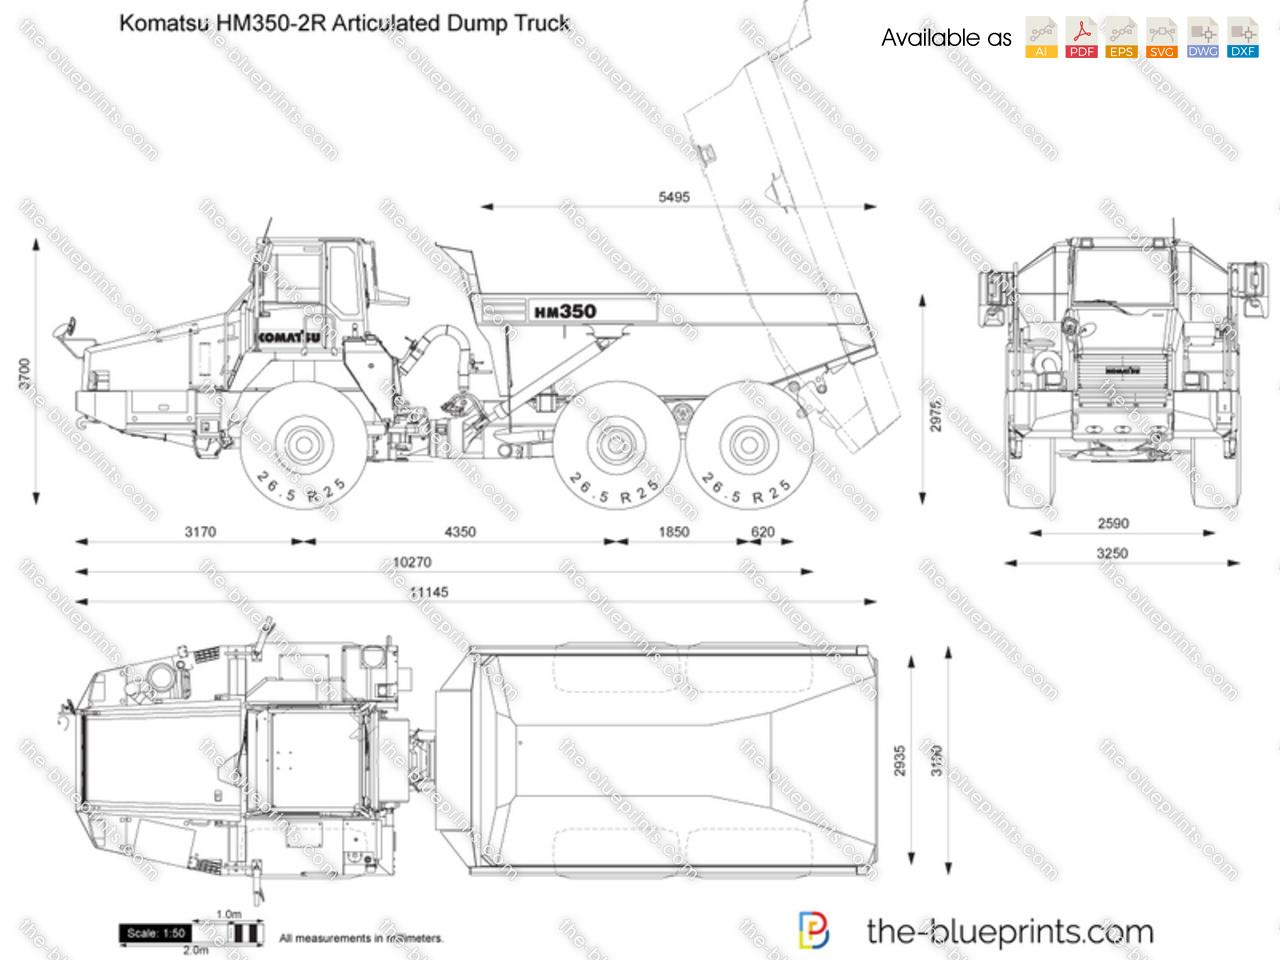 Komatsu HM350-2R Articulated Dump Truck vector drawing